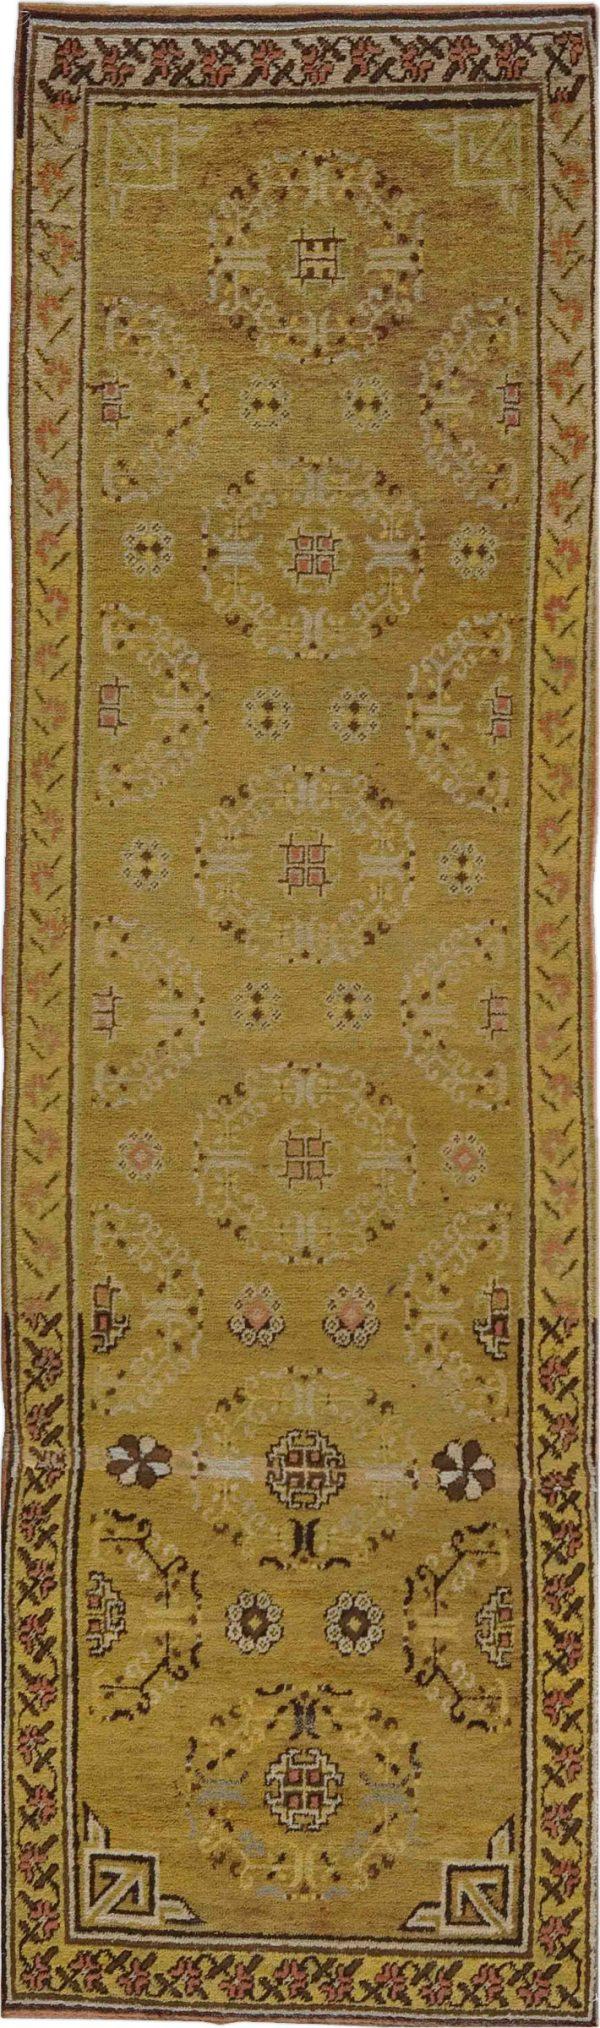 Samarkand (Khotan) Rug BB4376 Vintage